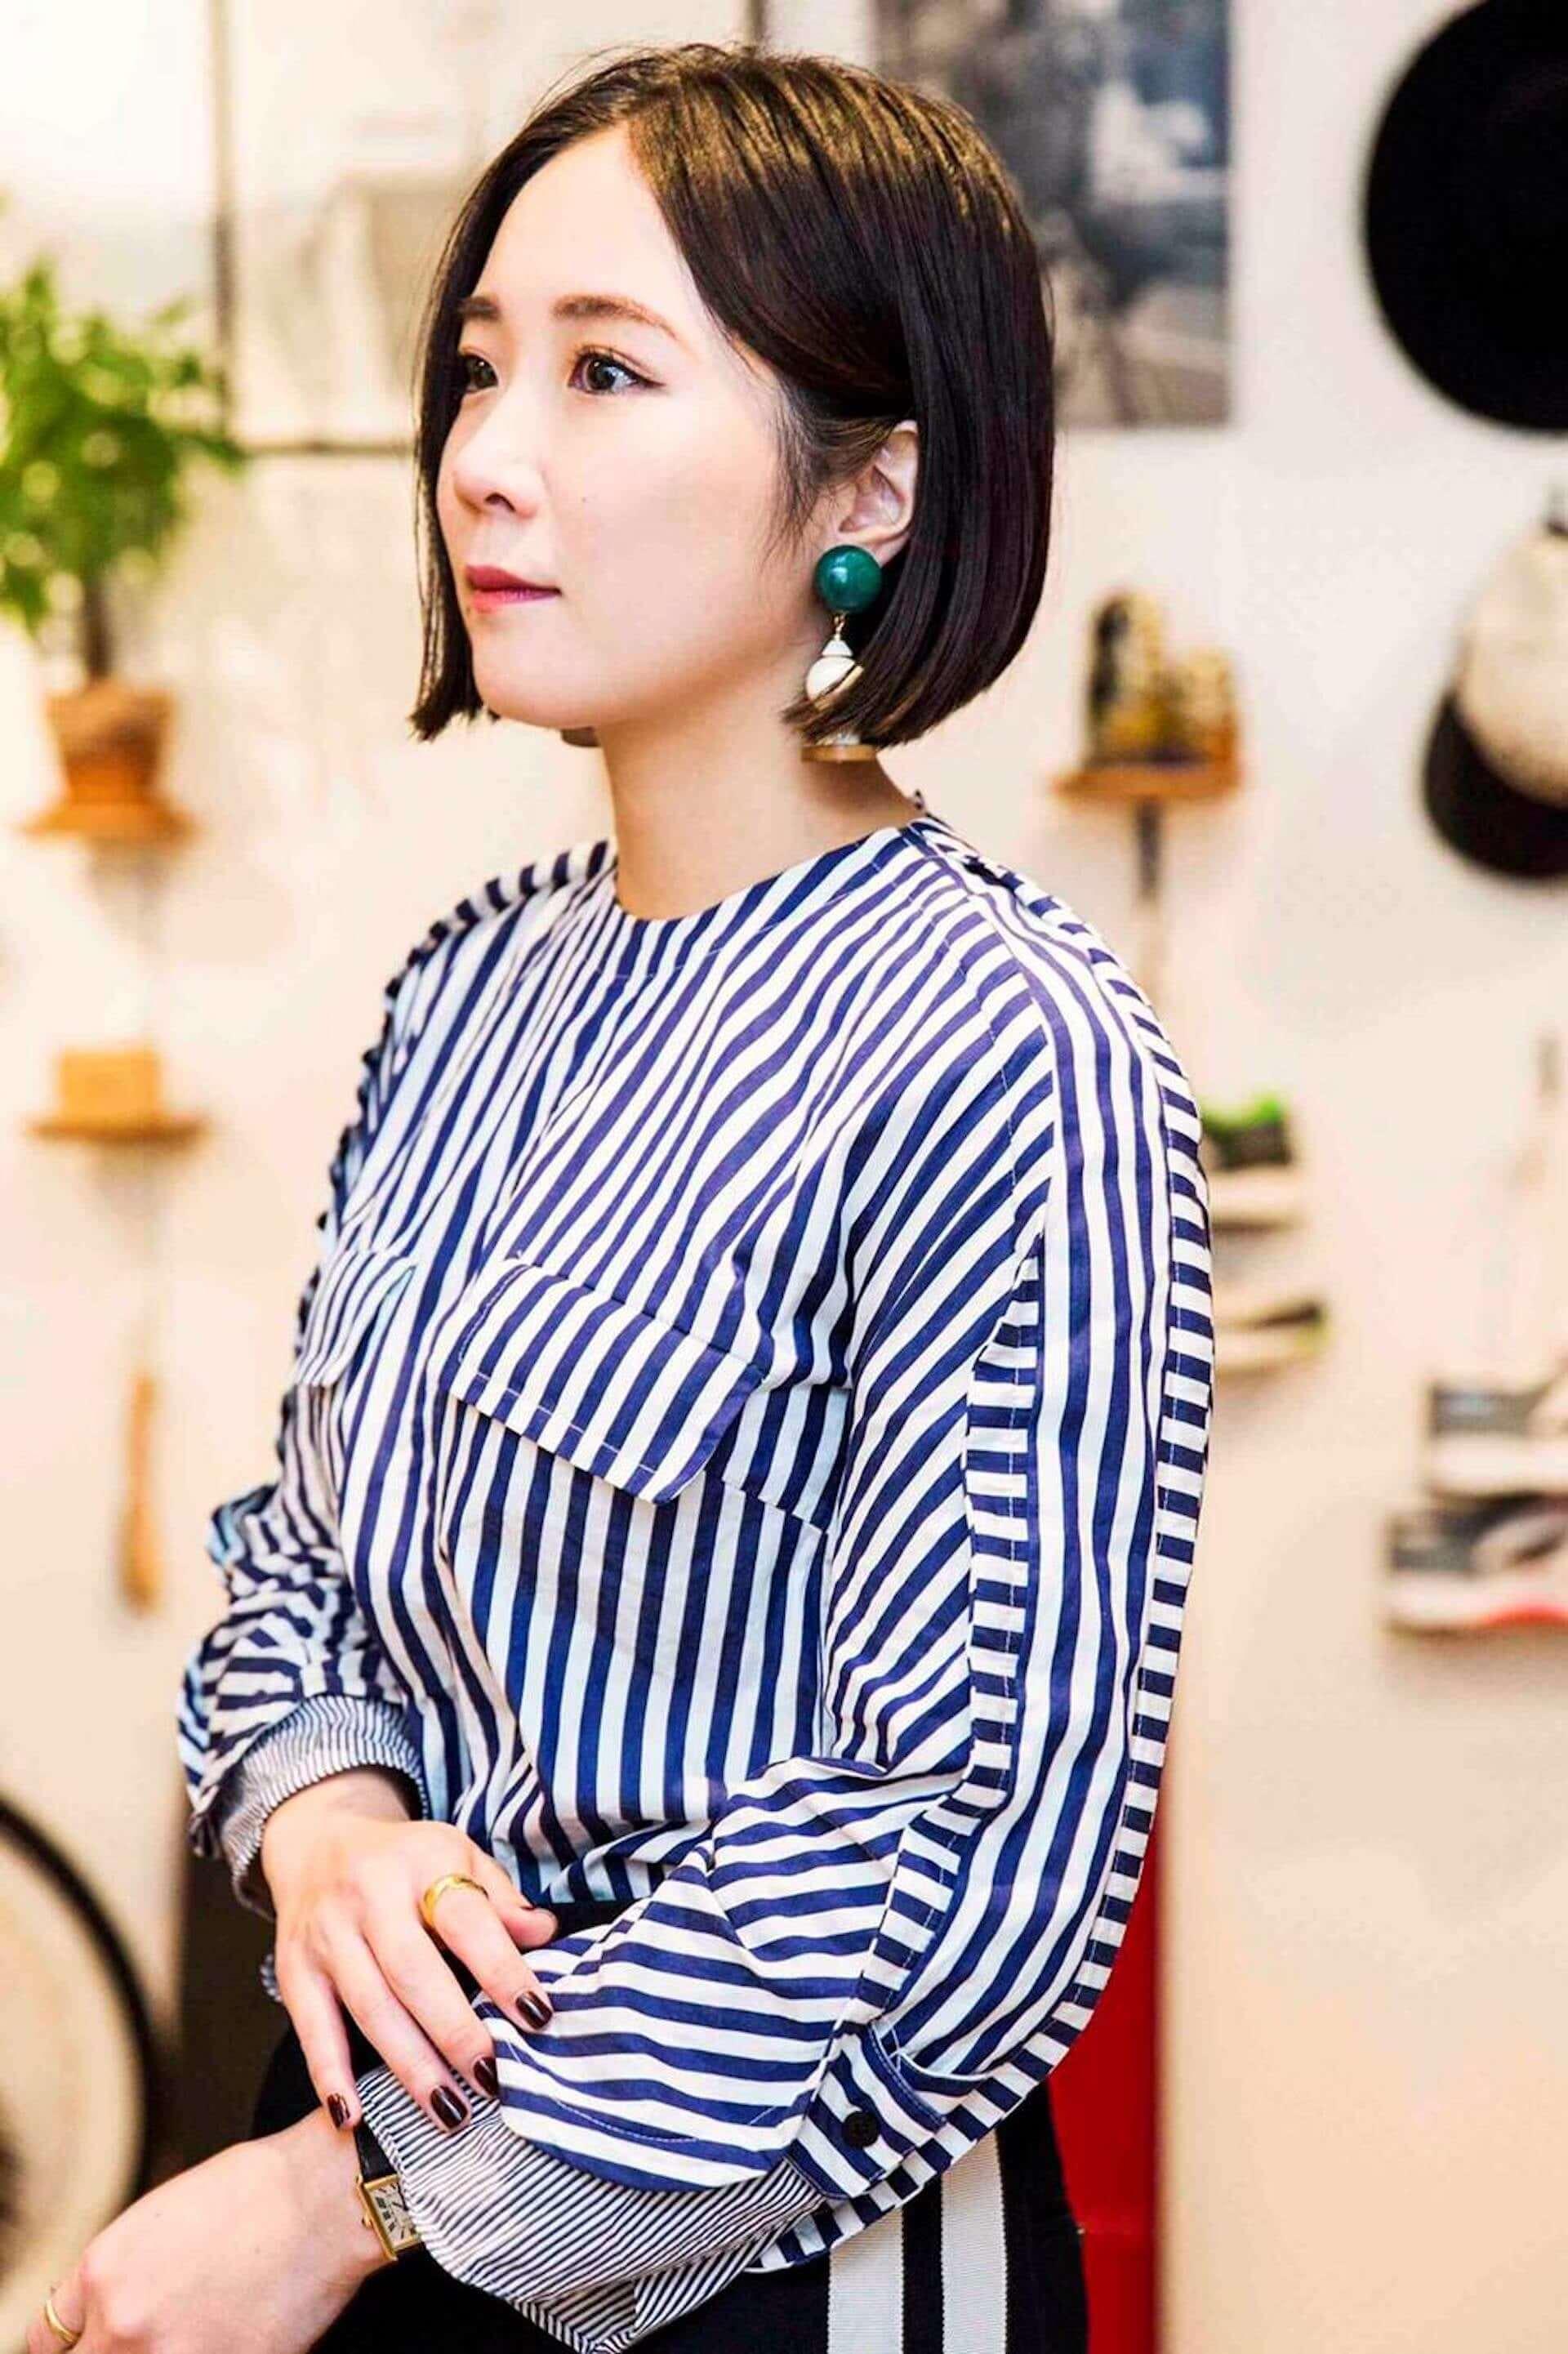 フィットネスとファッションを融合するReebok Store Shibuyaがオープン スタイリングプロジェクト実施、限定アイテムも life190913_reebok_7-1920x2882